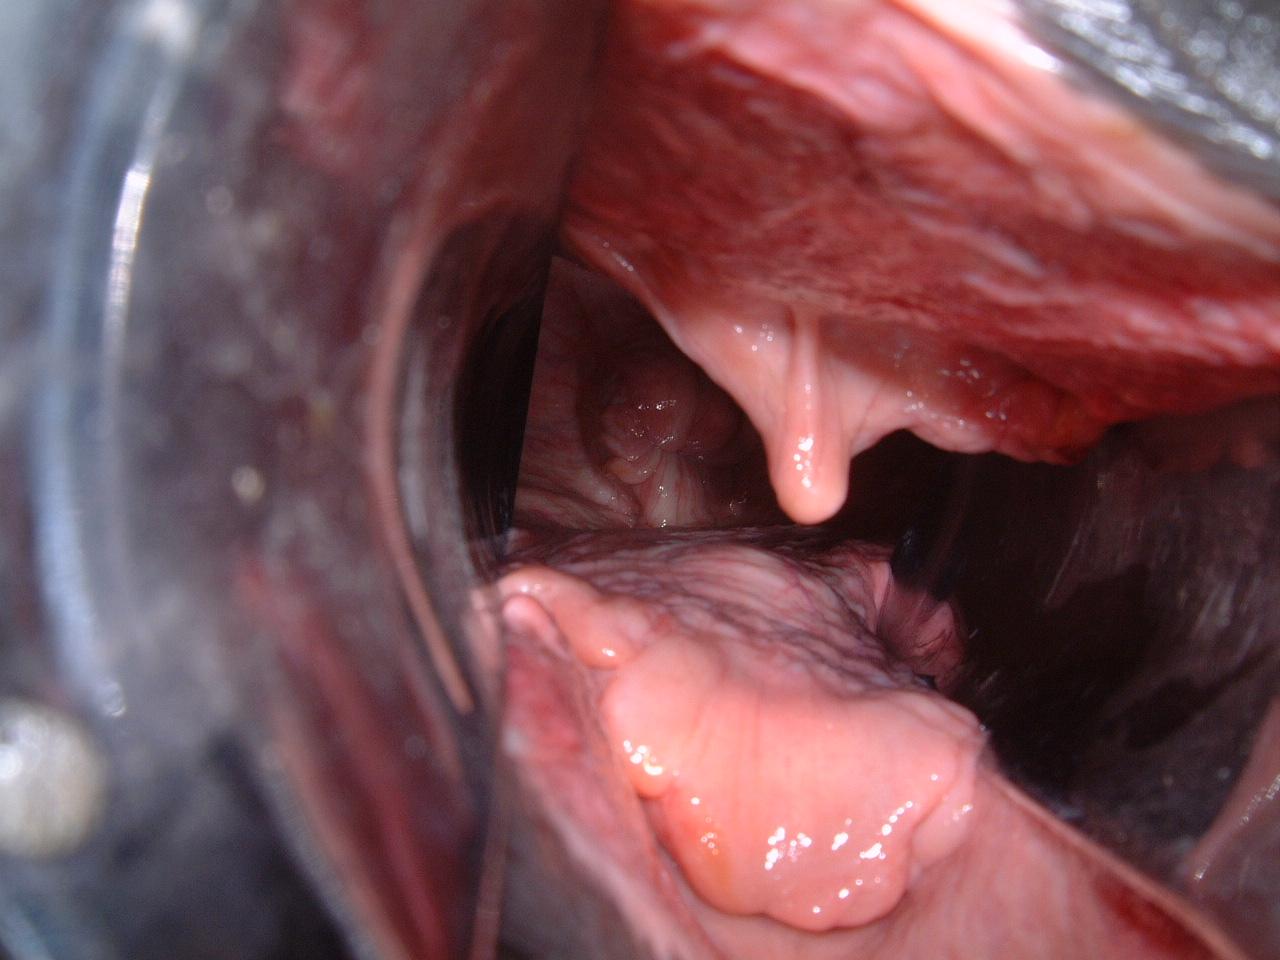 まんこ解剖 牝馬の牡馬を受け入れる気分は上々であろう。尻尾を真上に上げて、ライトニング(陰核をパカパカと見せる)もおそらく見せるに違いない。